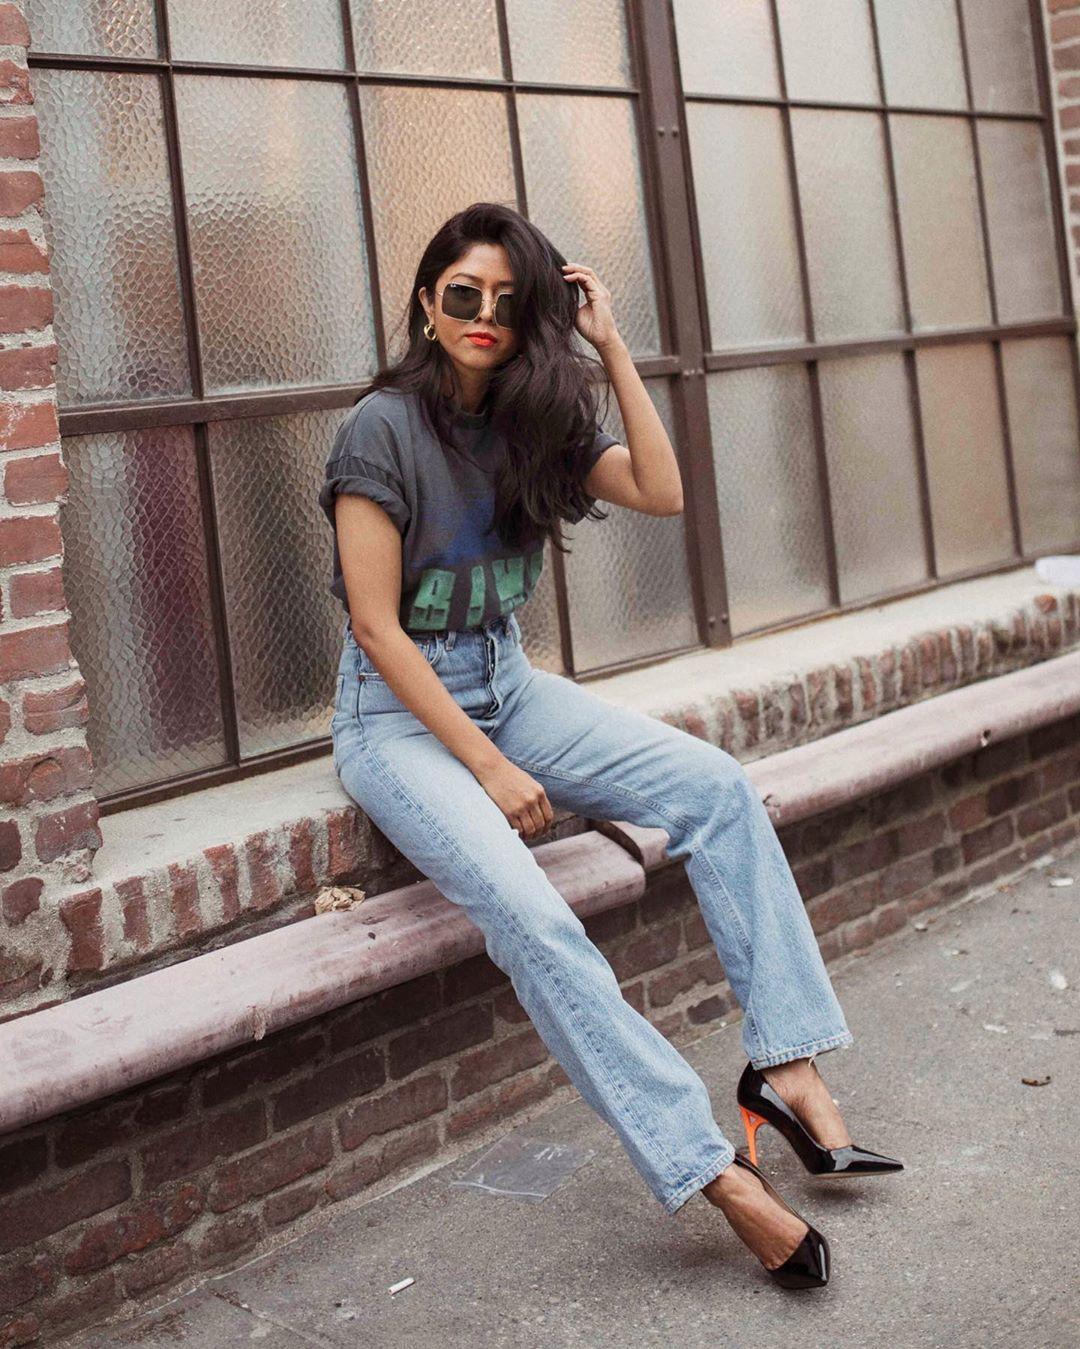 С чем носить джинсы летом фото 13